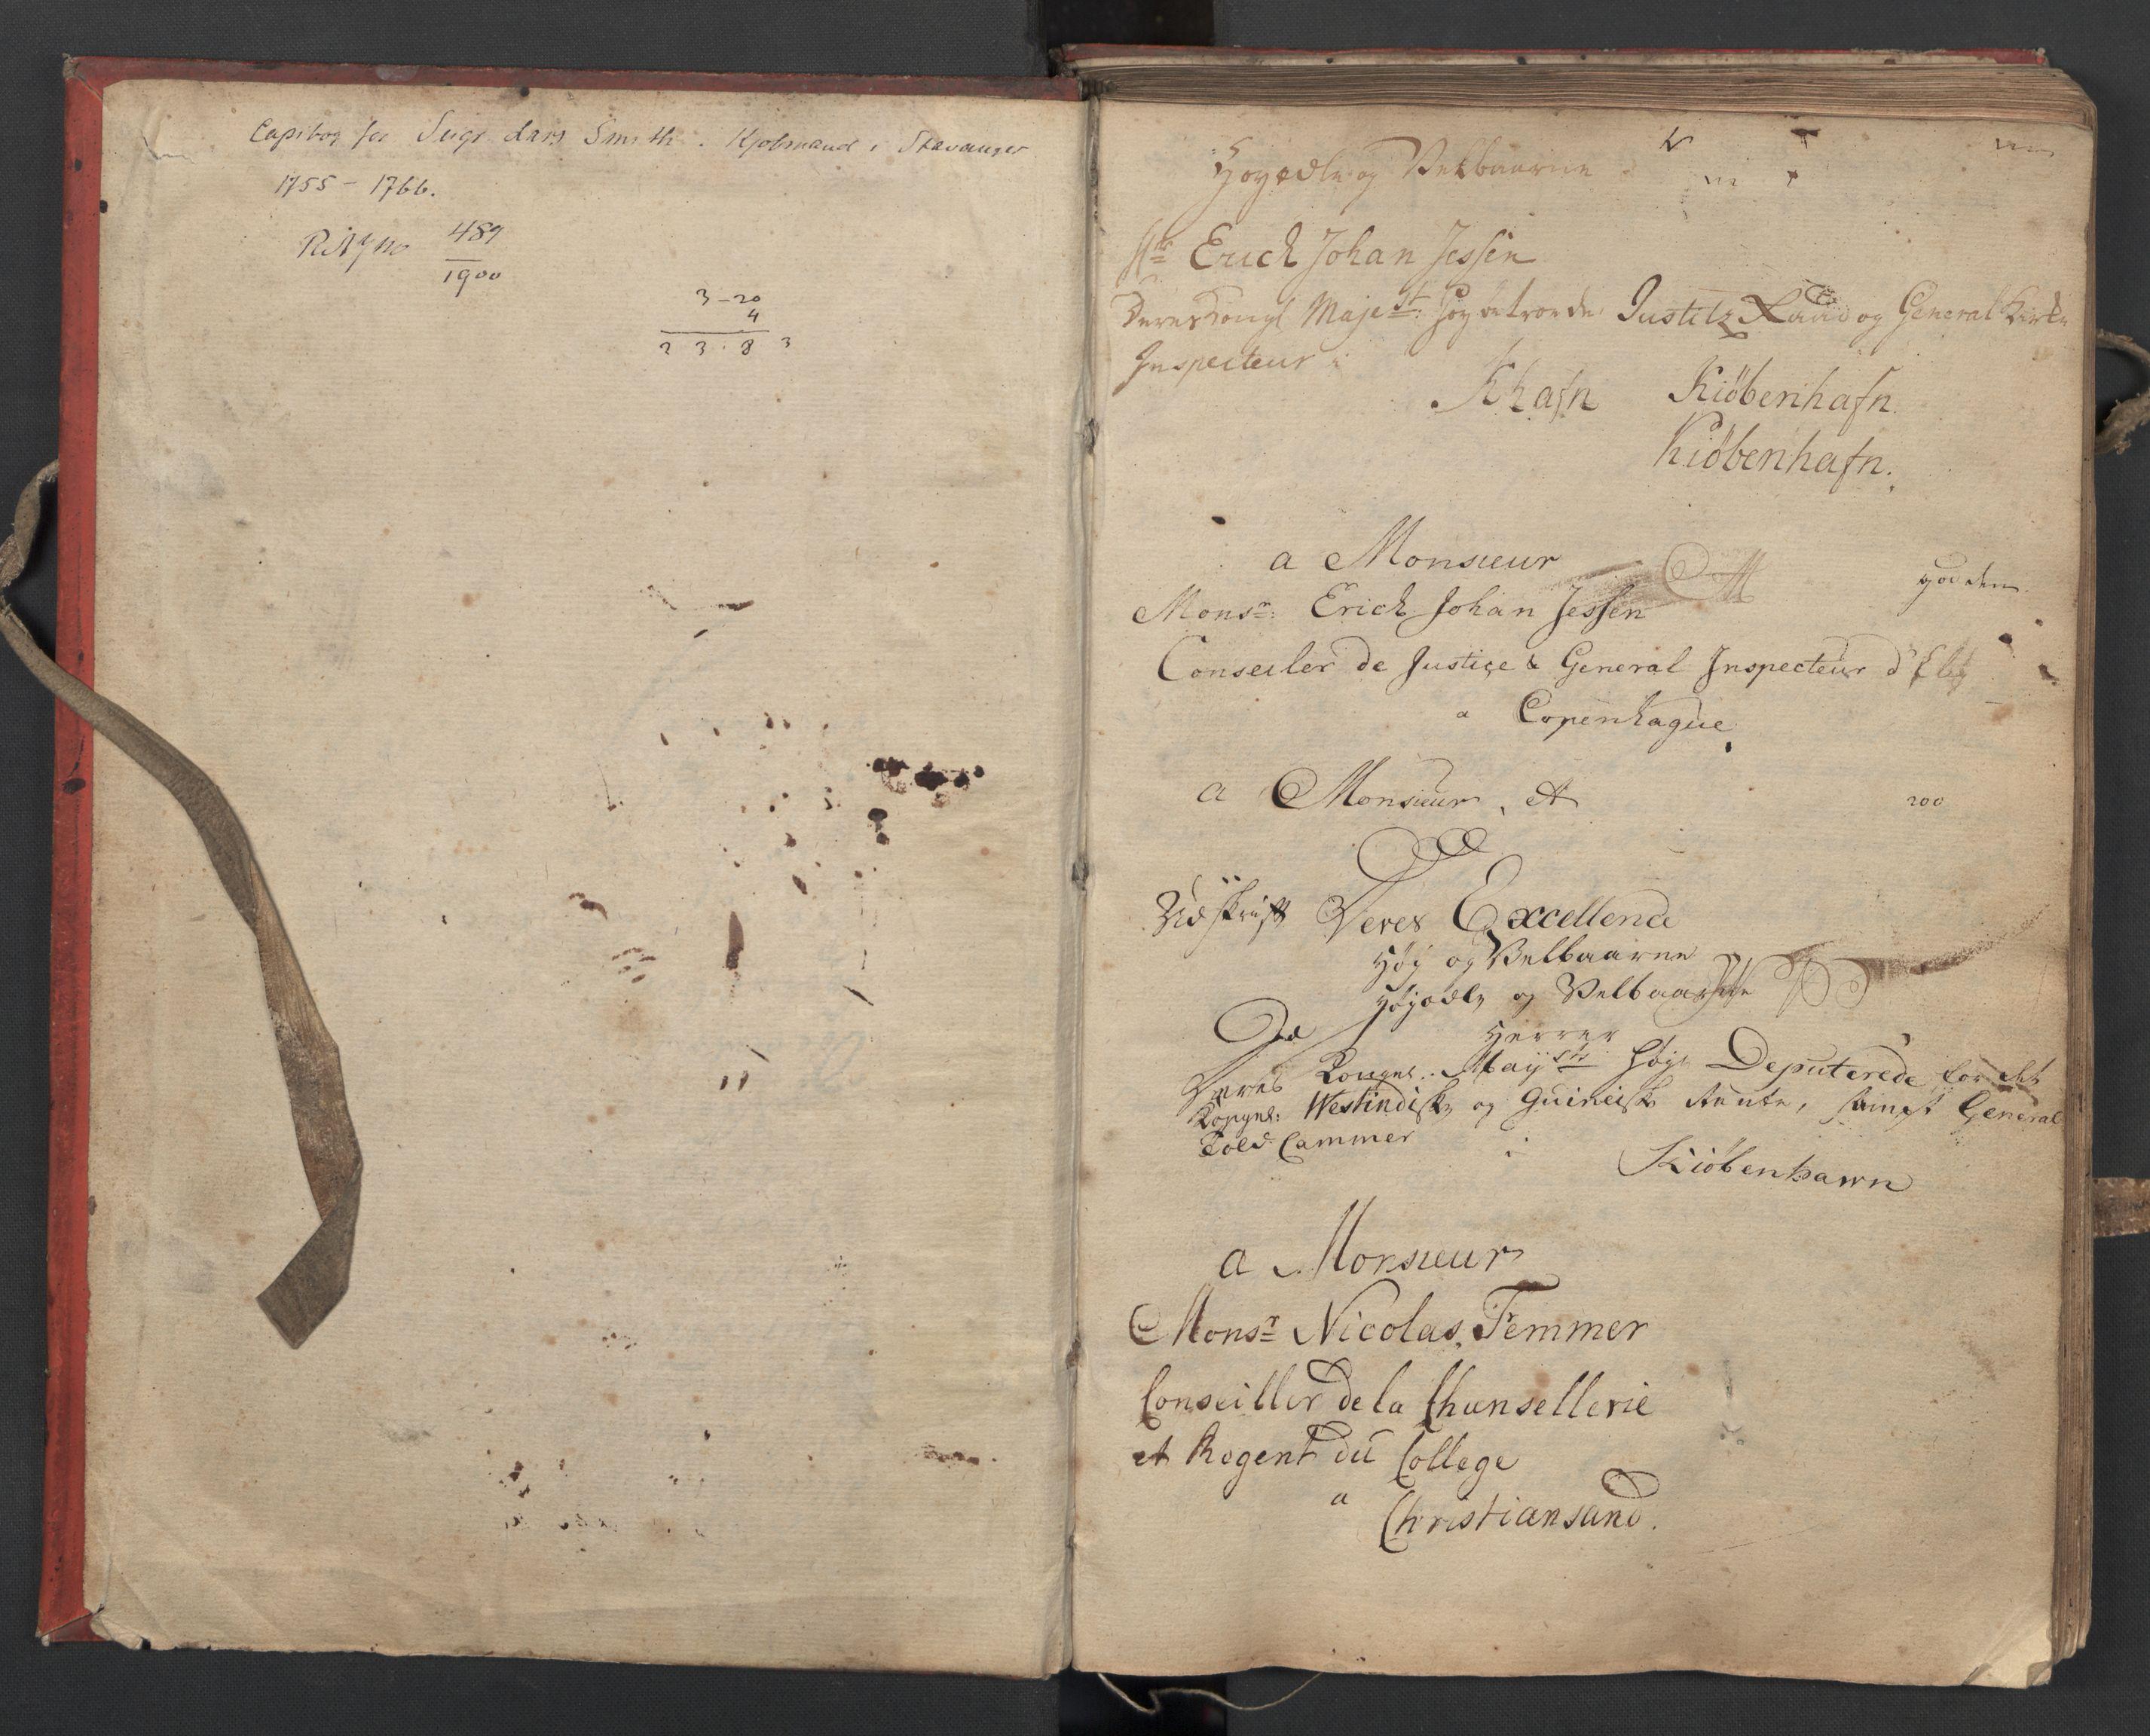 SAST, Pa 0119 - Smith, Lauritz Andersen og Lauritz Lauritzen, O/L0002: Kopibok, 1755-1766, s. 2